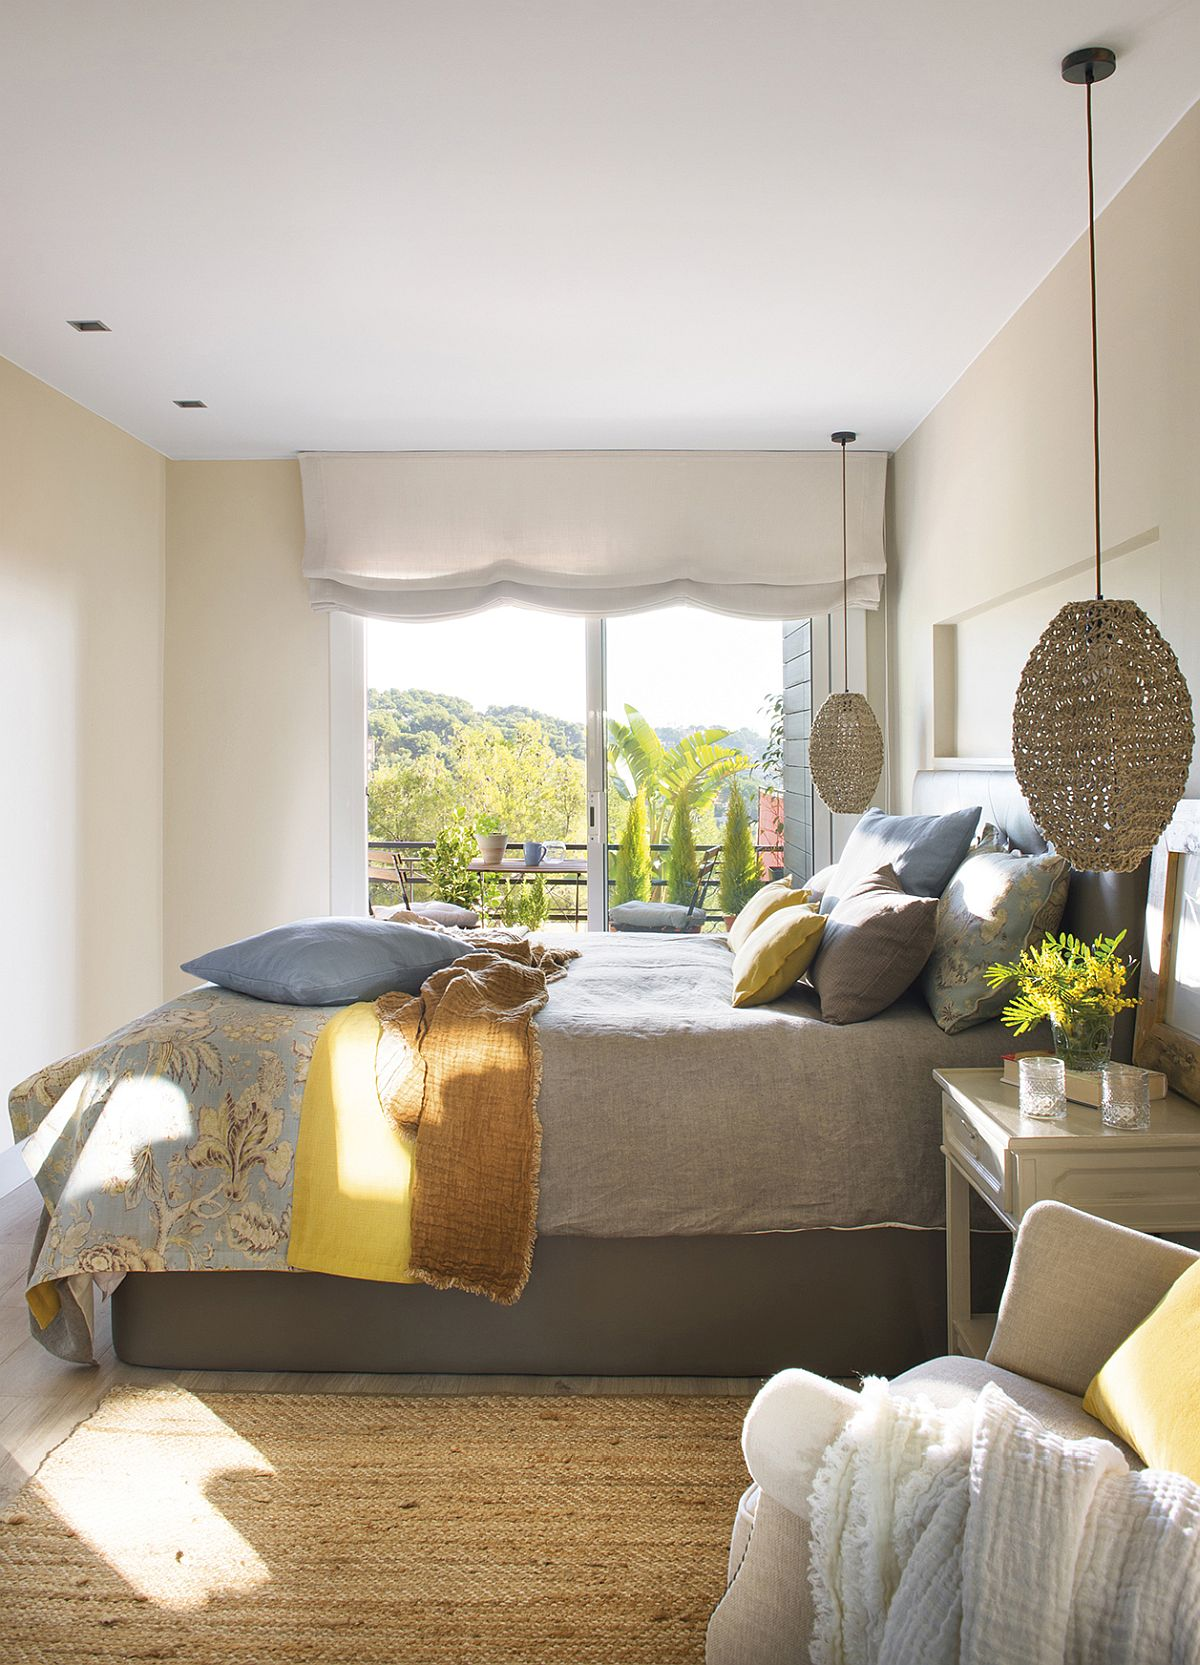 Dormitoru matrimonial este acum degajat de mobilierul de depozitare, ca atare ambianța lui se simte mult mai aerisită și odihnitoare. Într-un dormitor mic modul cum este aranjat patul se simte imediat, așa că prin lenjeria de pat, perne decorative și cuverturi se poate aduce culoare, textură, chiar dacă în rest suprafața pereților este simplă, curată, deschisă. De asemenea, într-un dormitor mic sunt de preferat suspensiile în loc veiozelor pentru noptiere. Astfel, pe suprafața noptierelor rămâne mai mult loc.